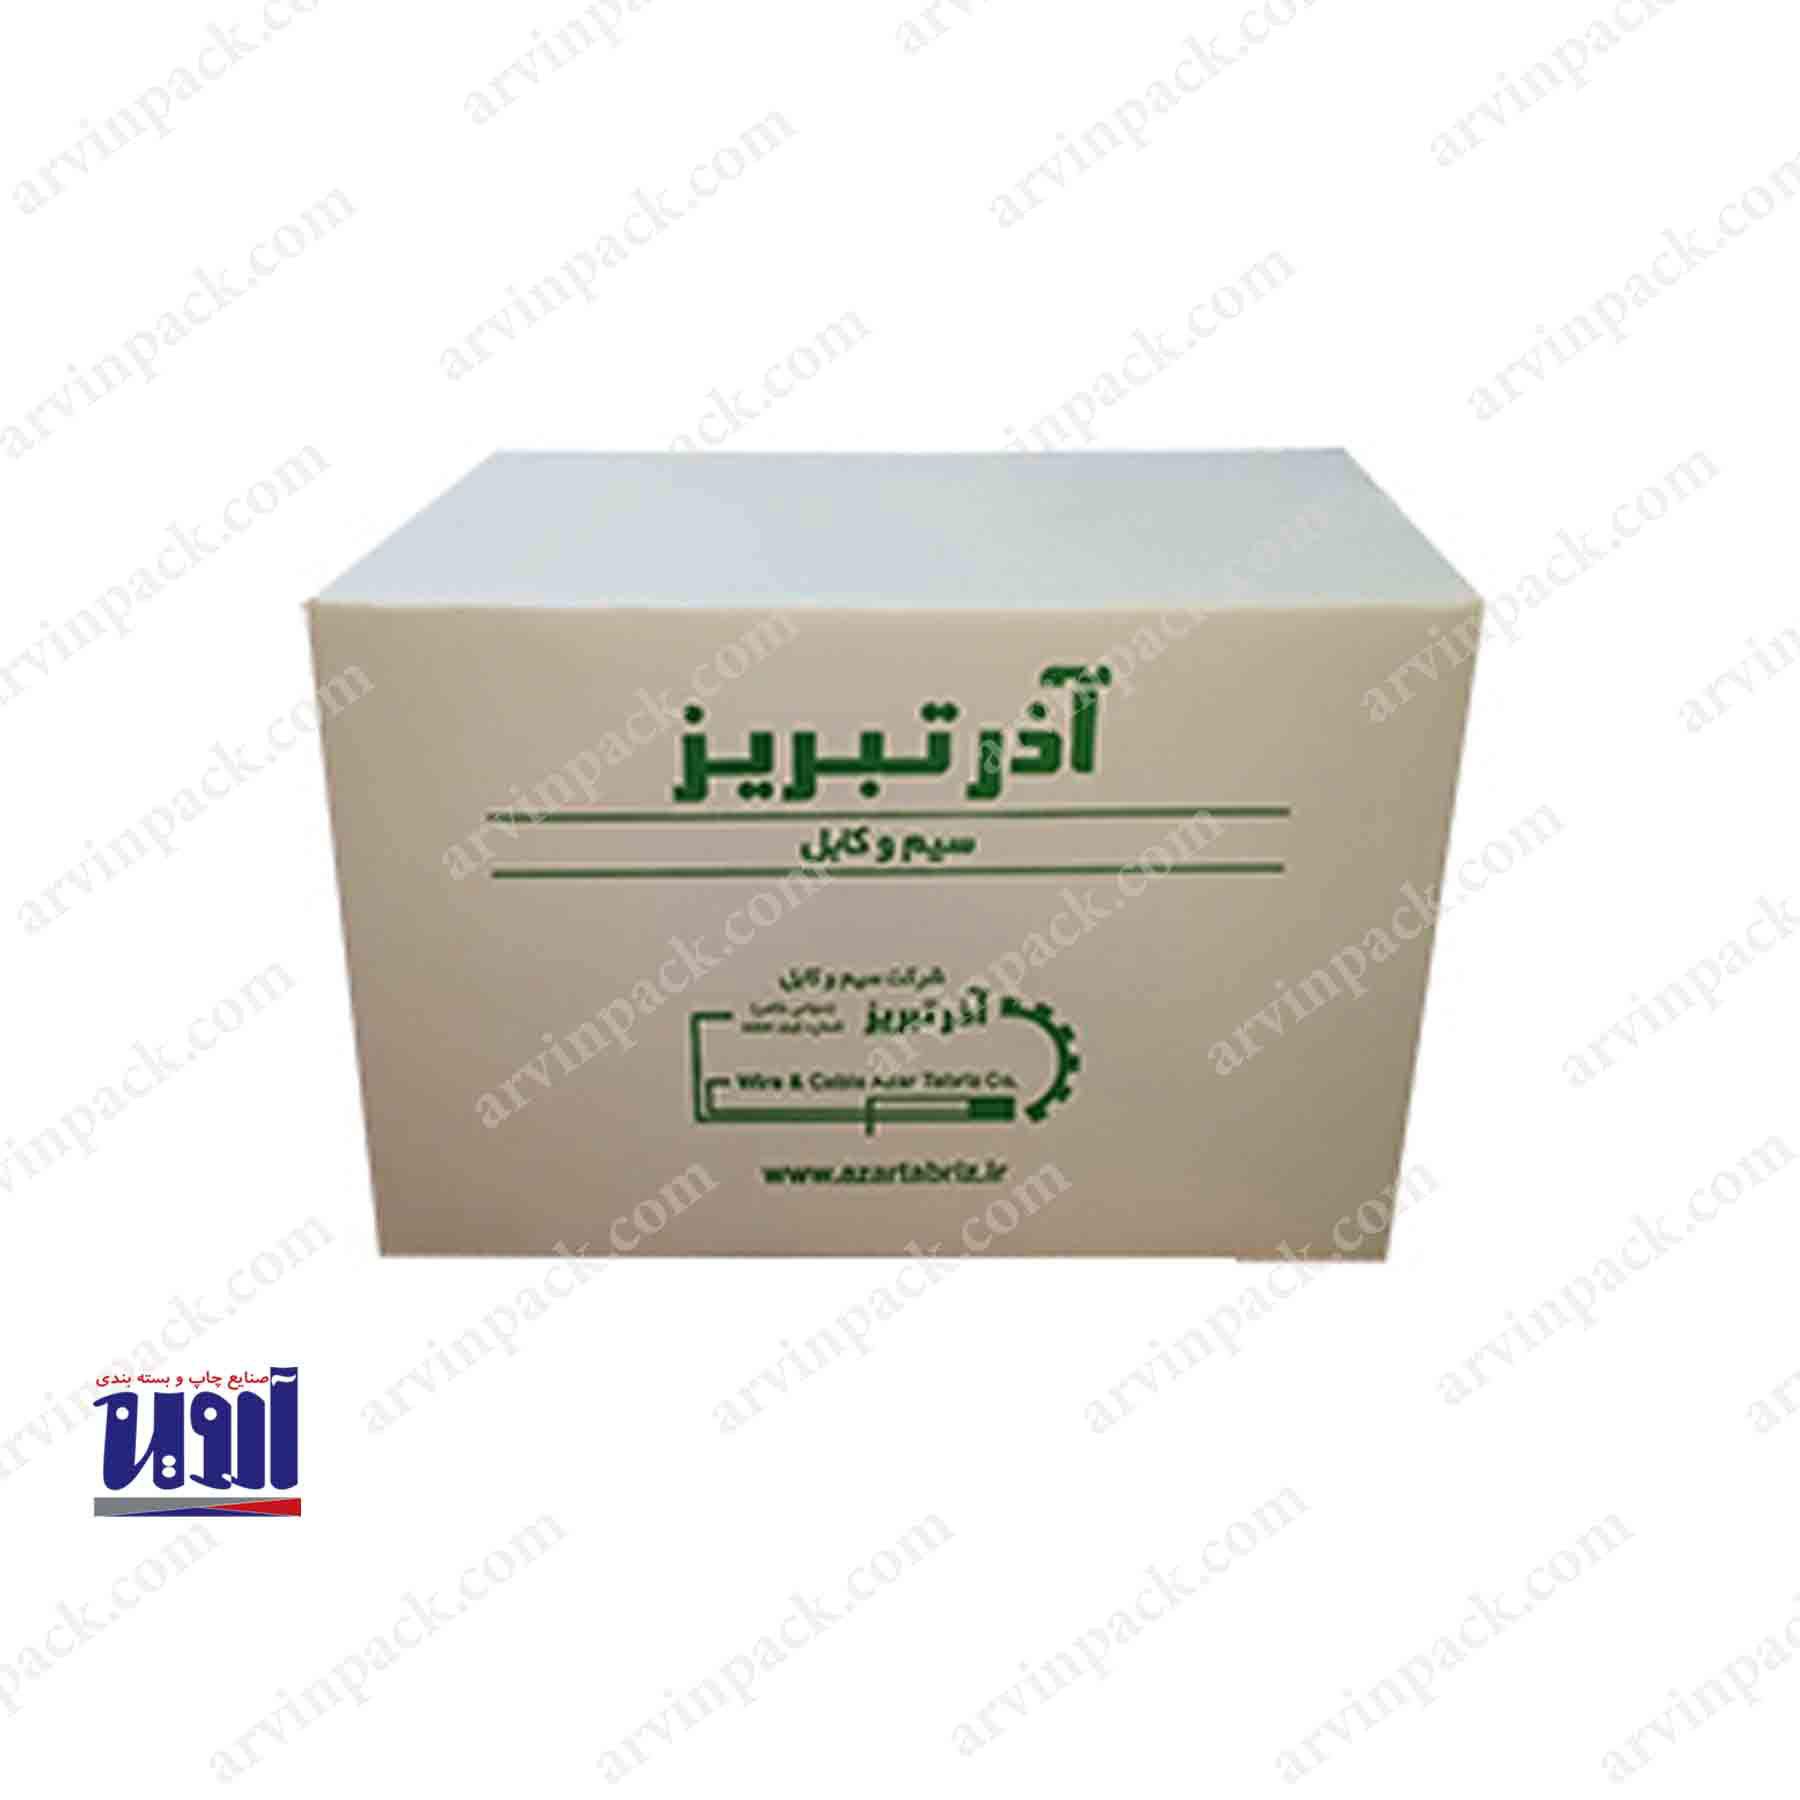 کارتن ، تولید کارتن سفید و کارتن سازی برای شرکت آذر تبریز